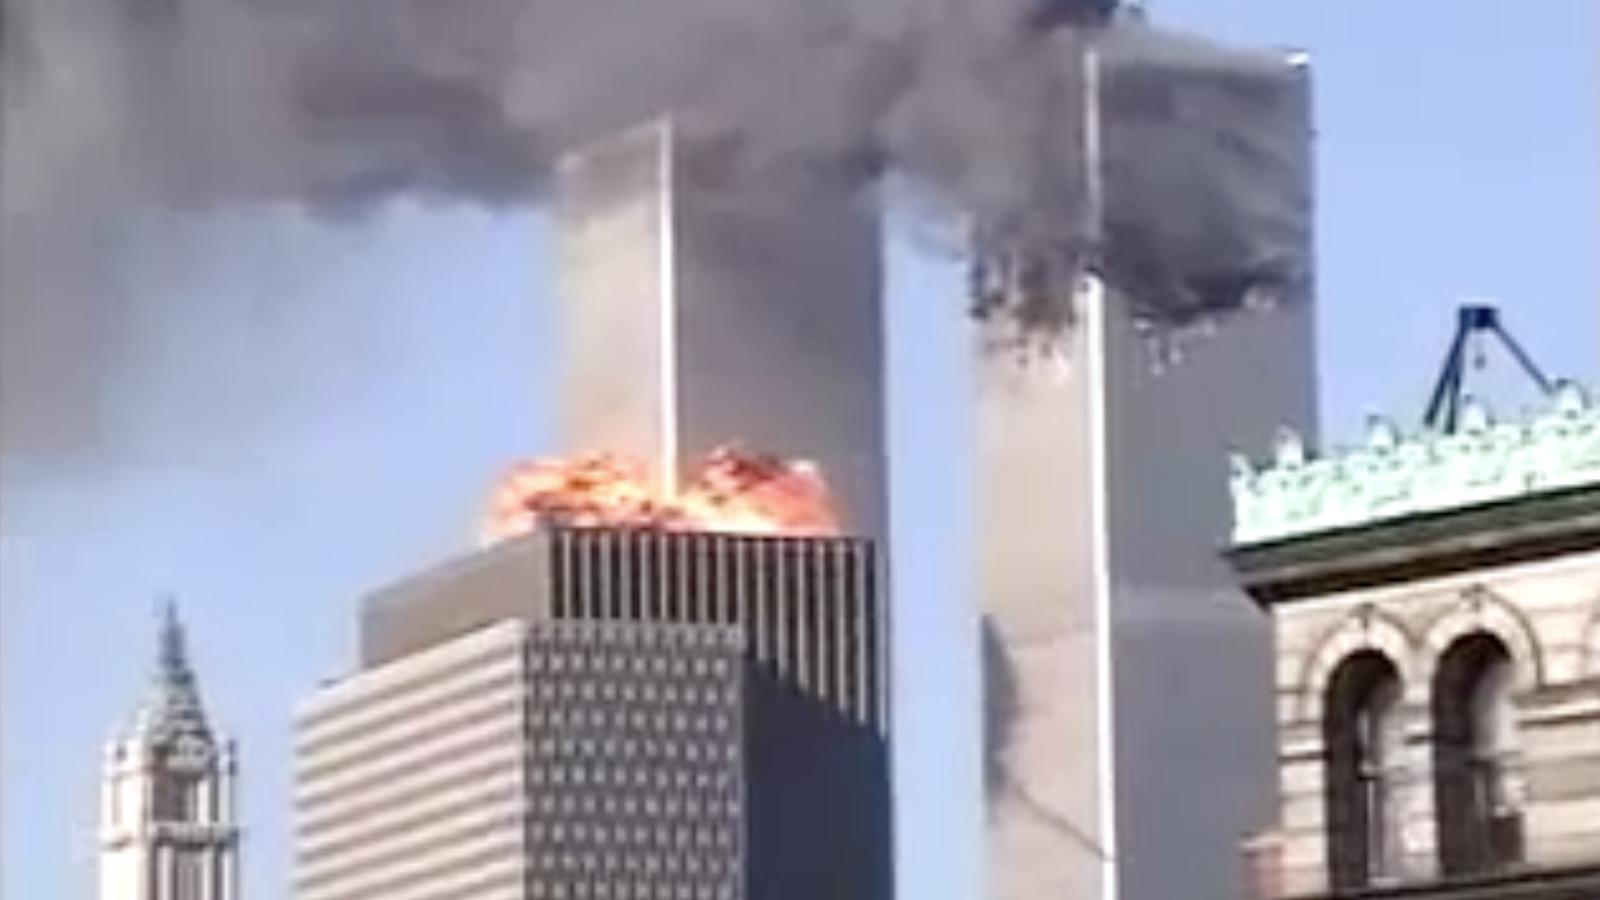 El segon avió impacta contra la torre sud del WTC davant la incredulitat dels vianants